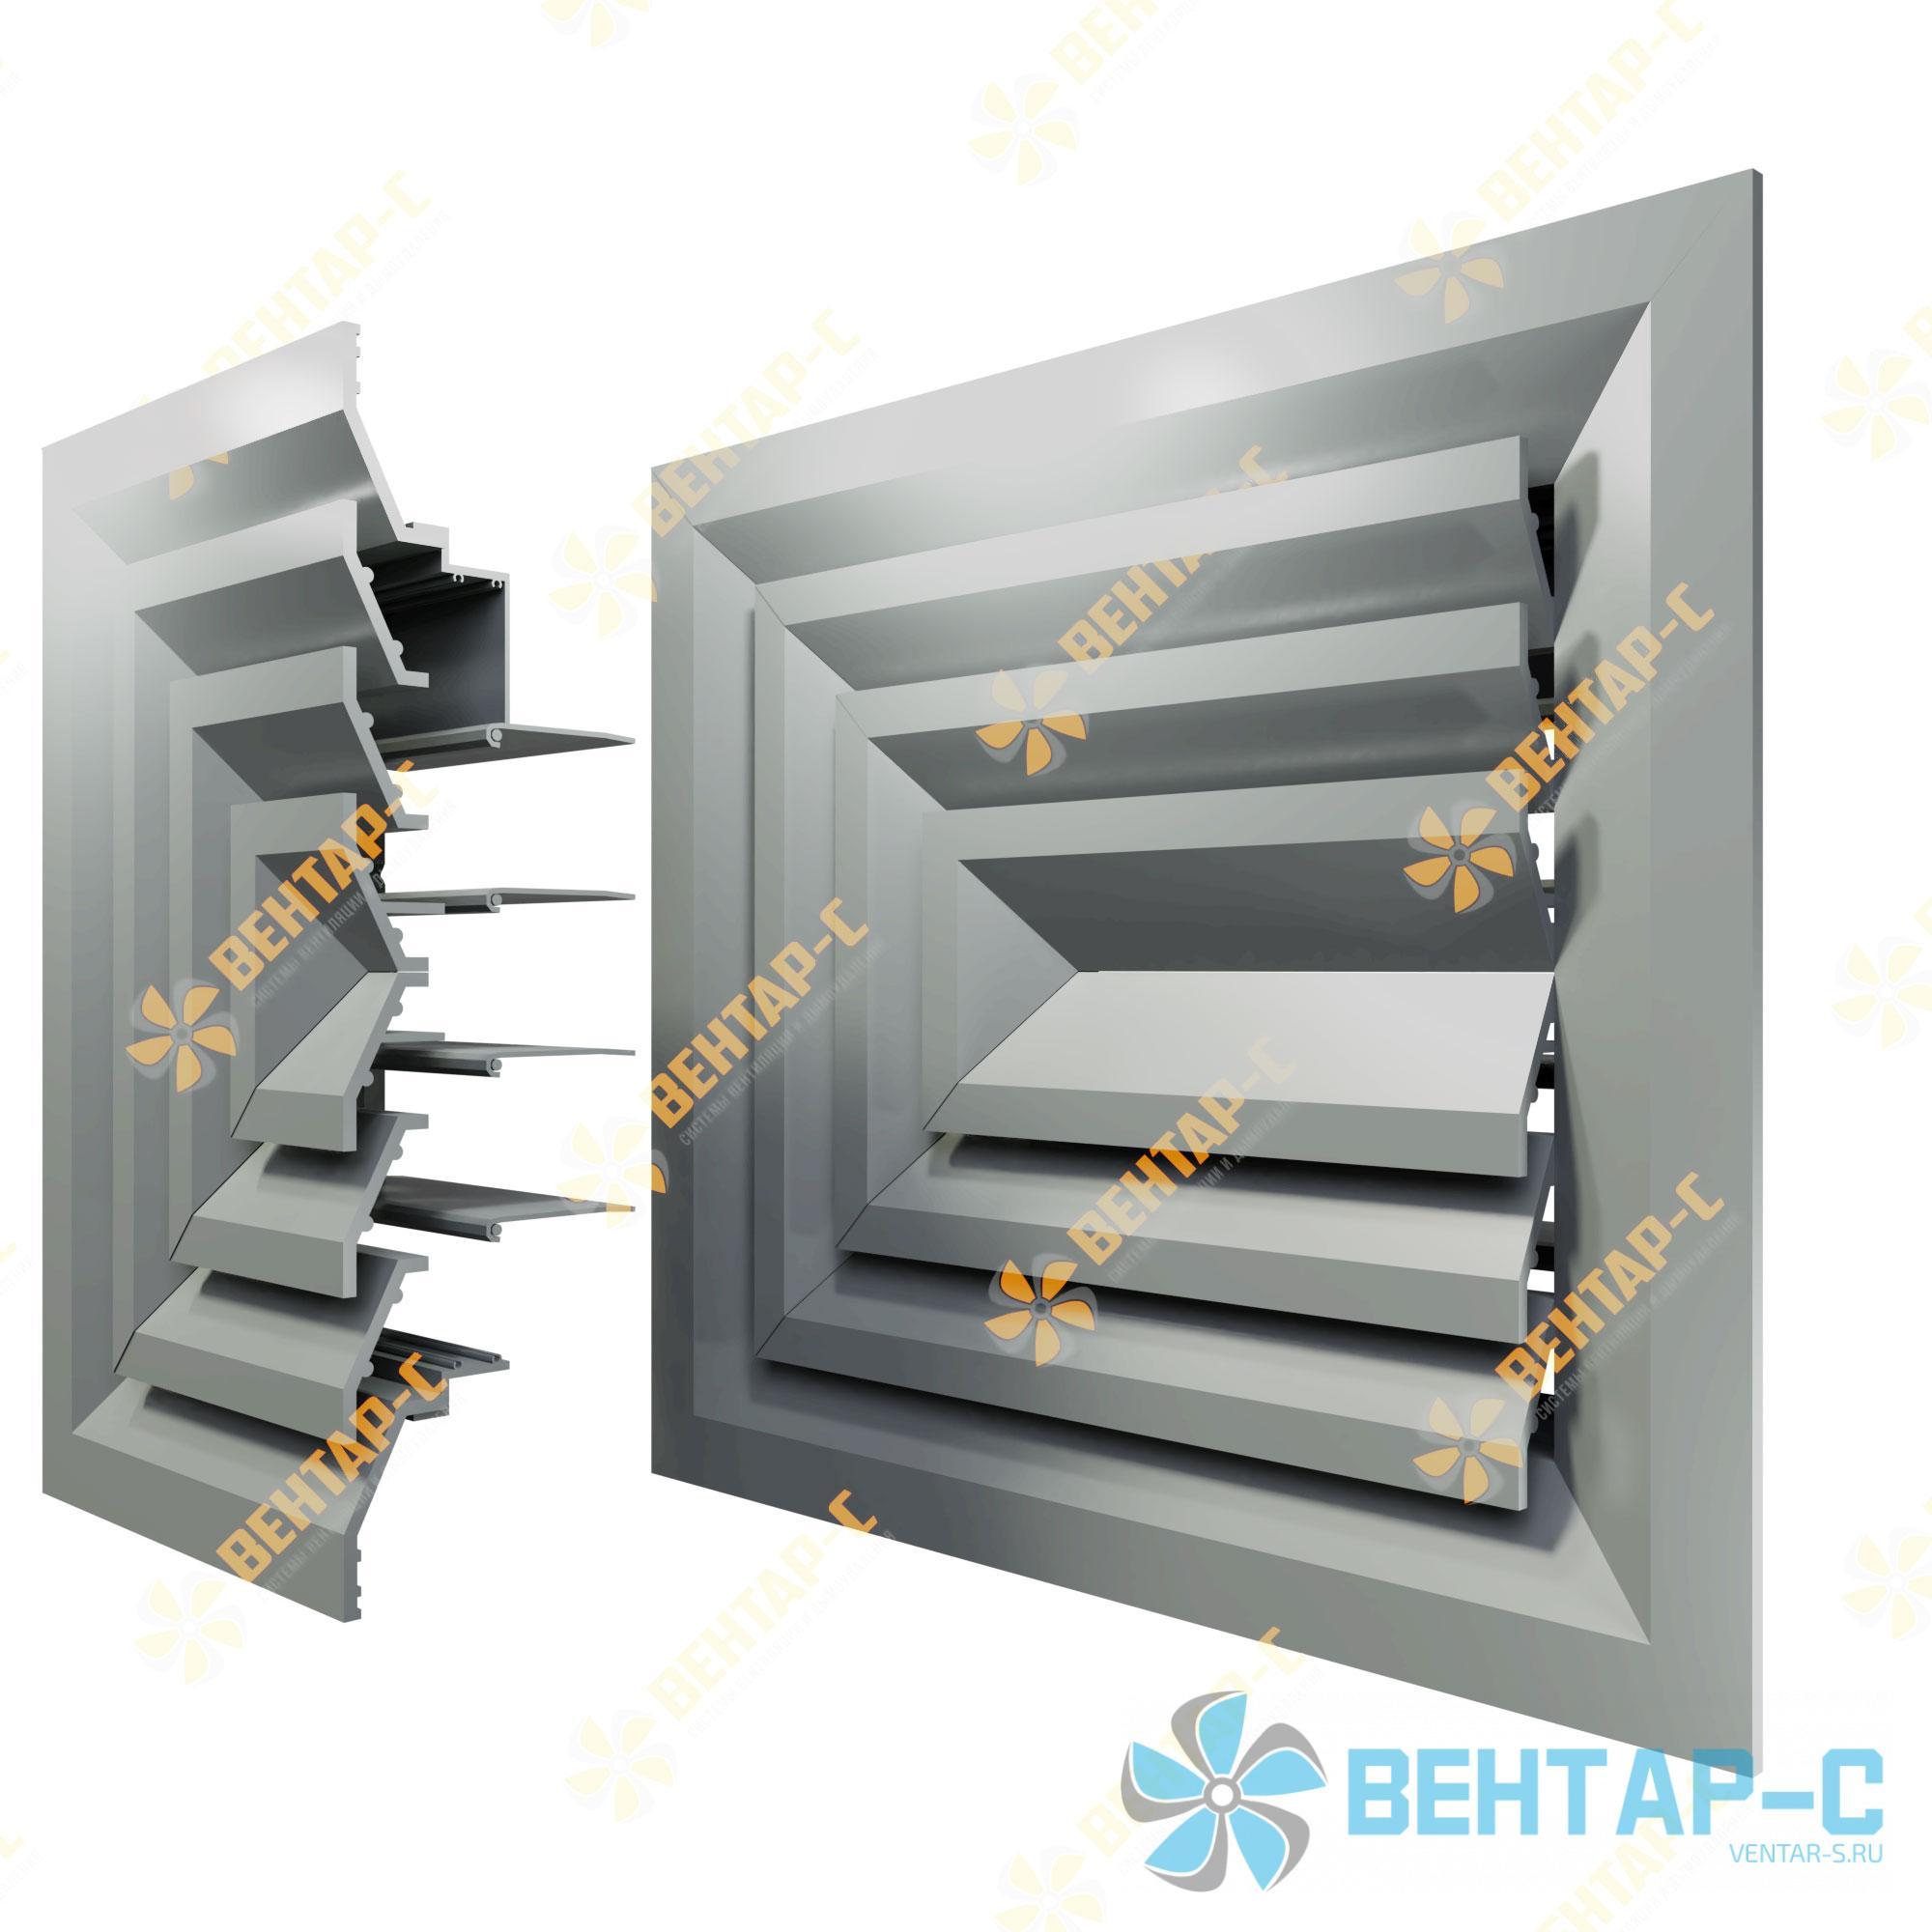 Потолочная вентиляционная решетка 3РПБ с блоком регулировки воздуха